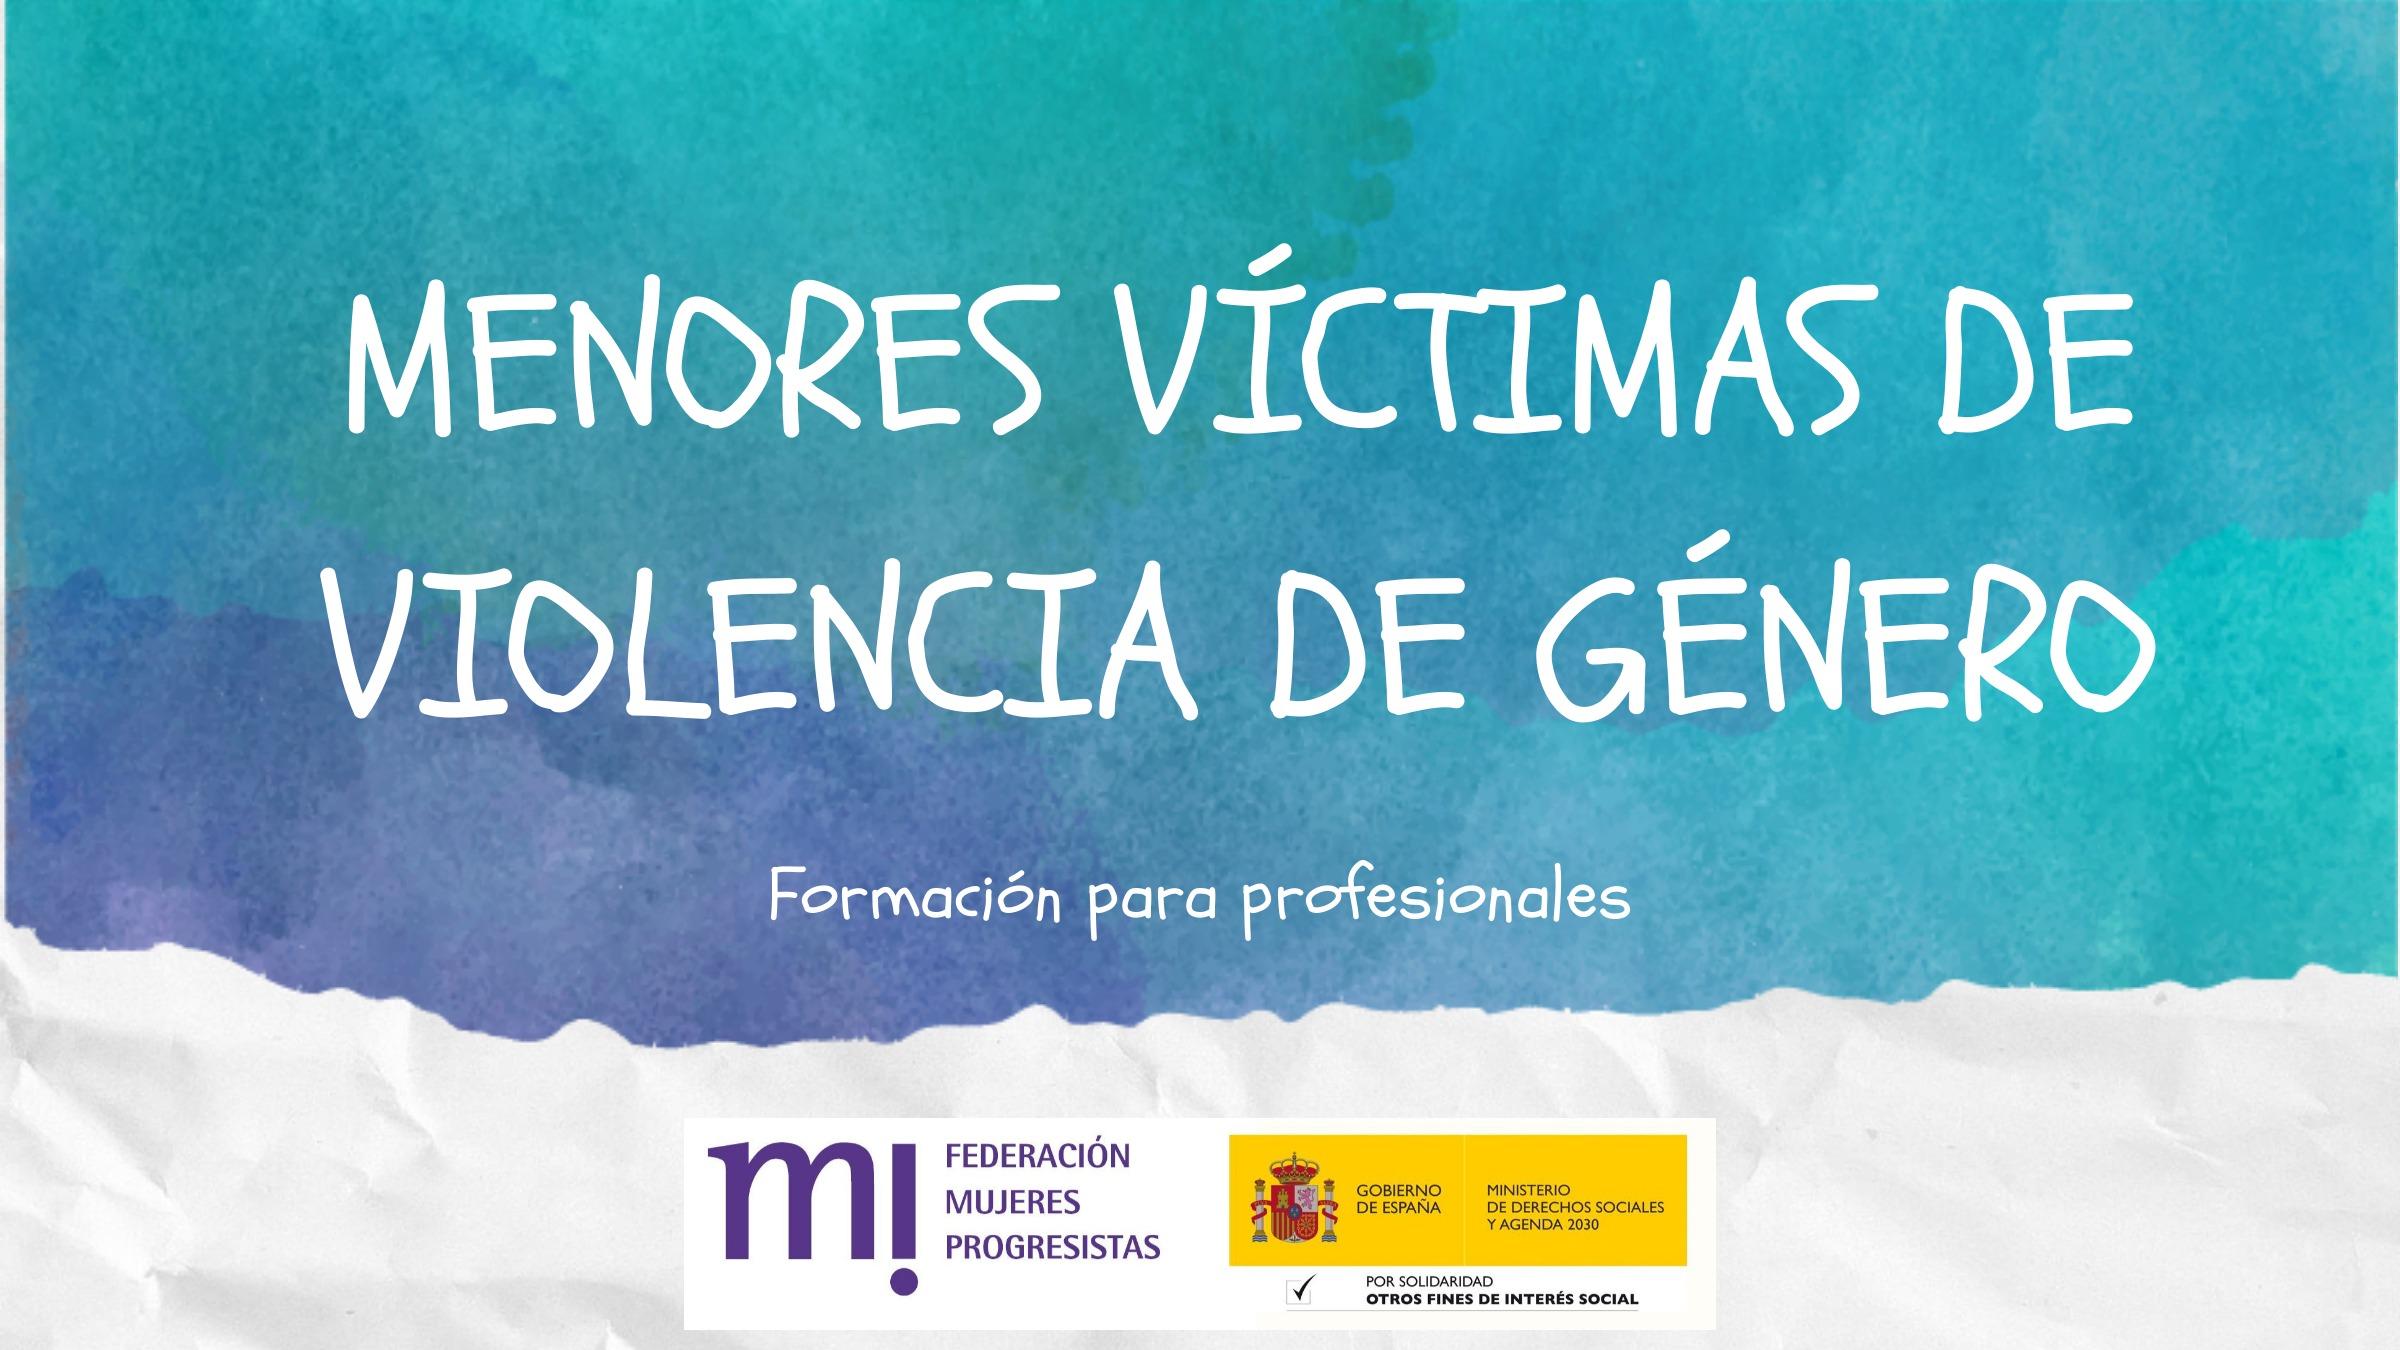 Course Image 5ª Edición: Menores víctimas de violencia de género